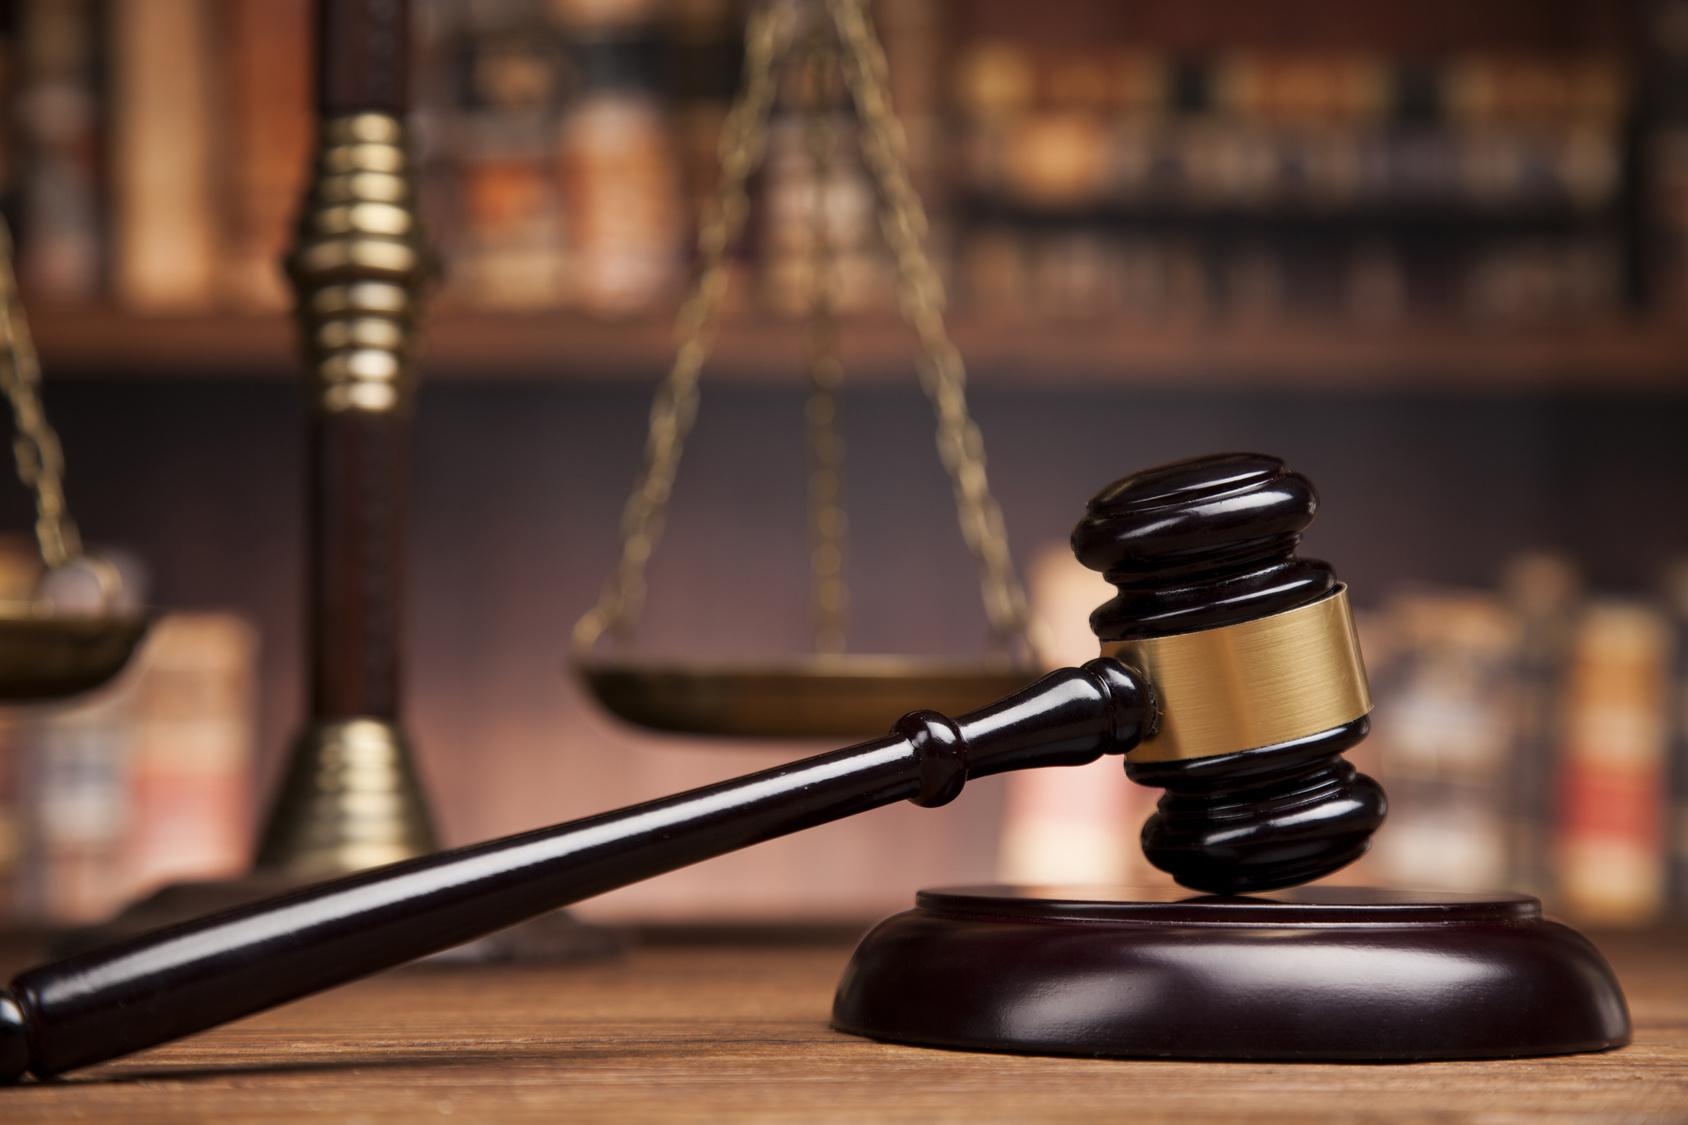 sąd sędzia temida wyrok - Fotolia